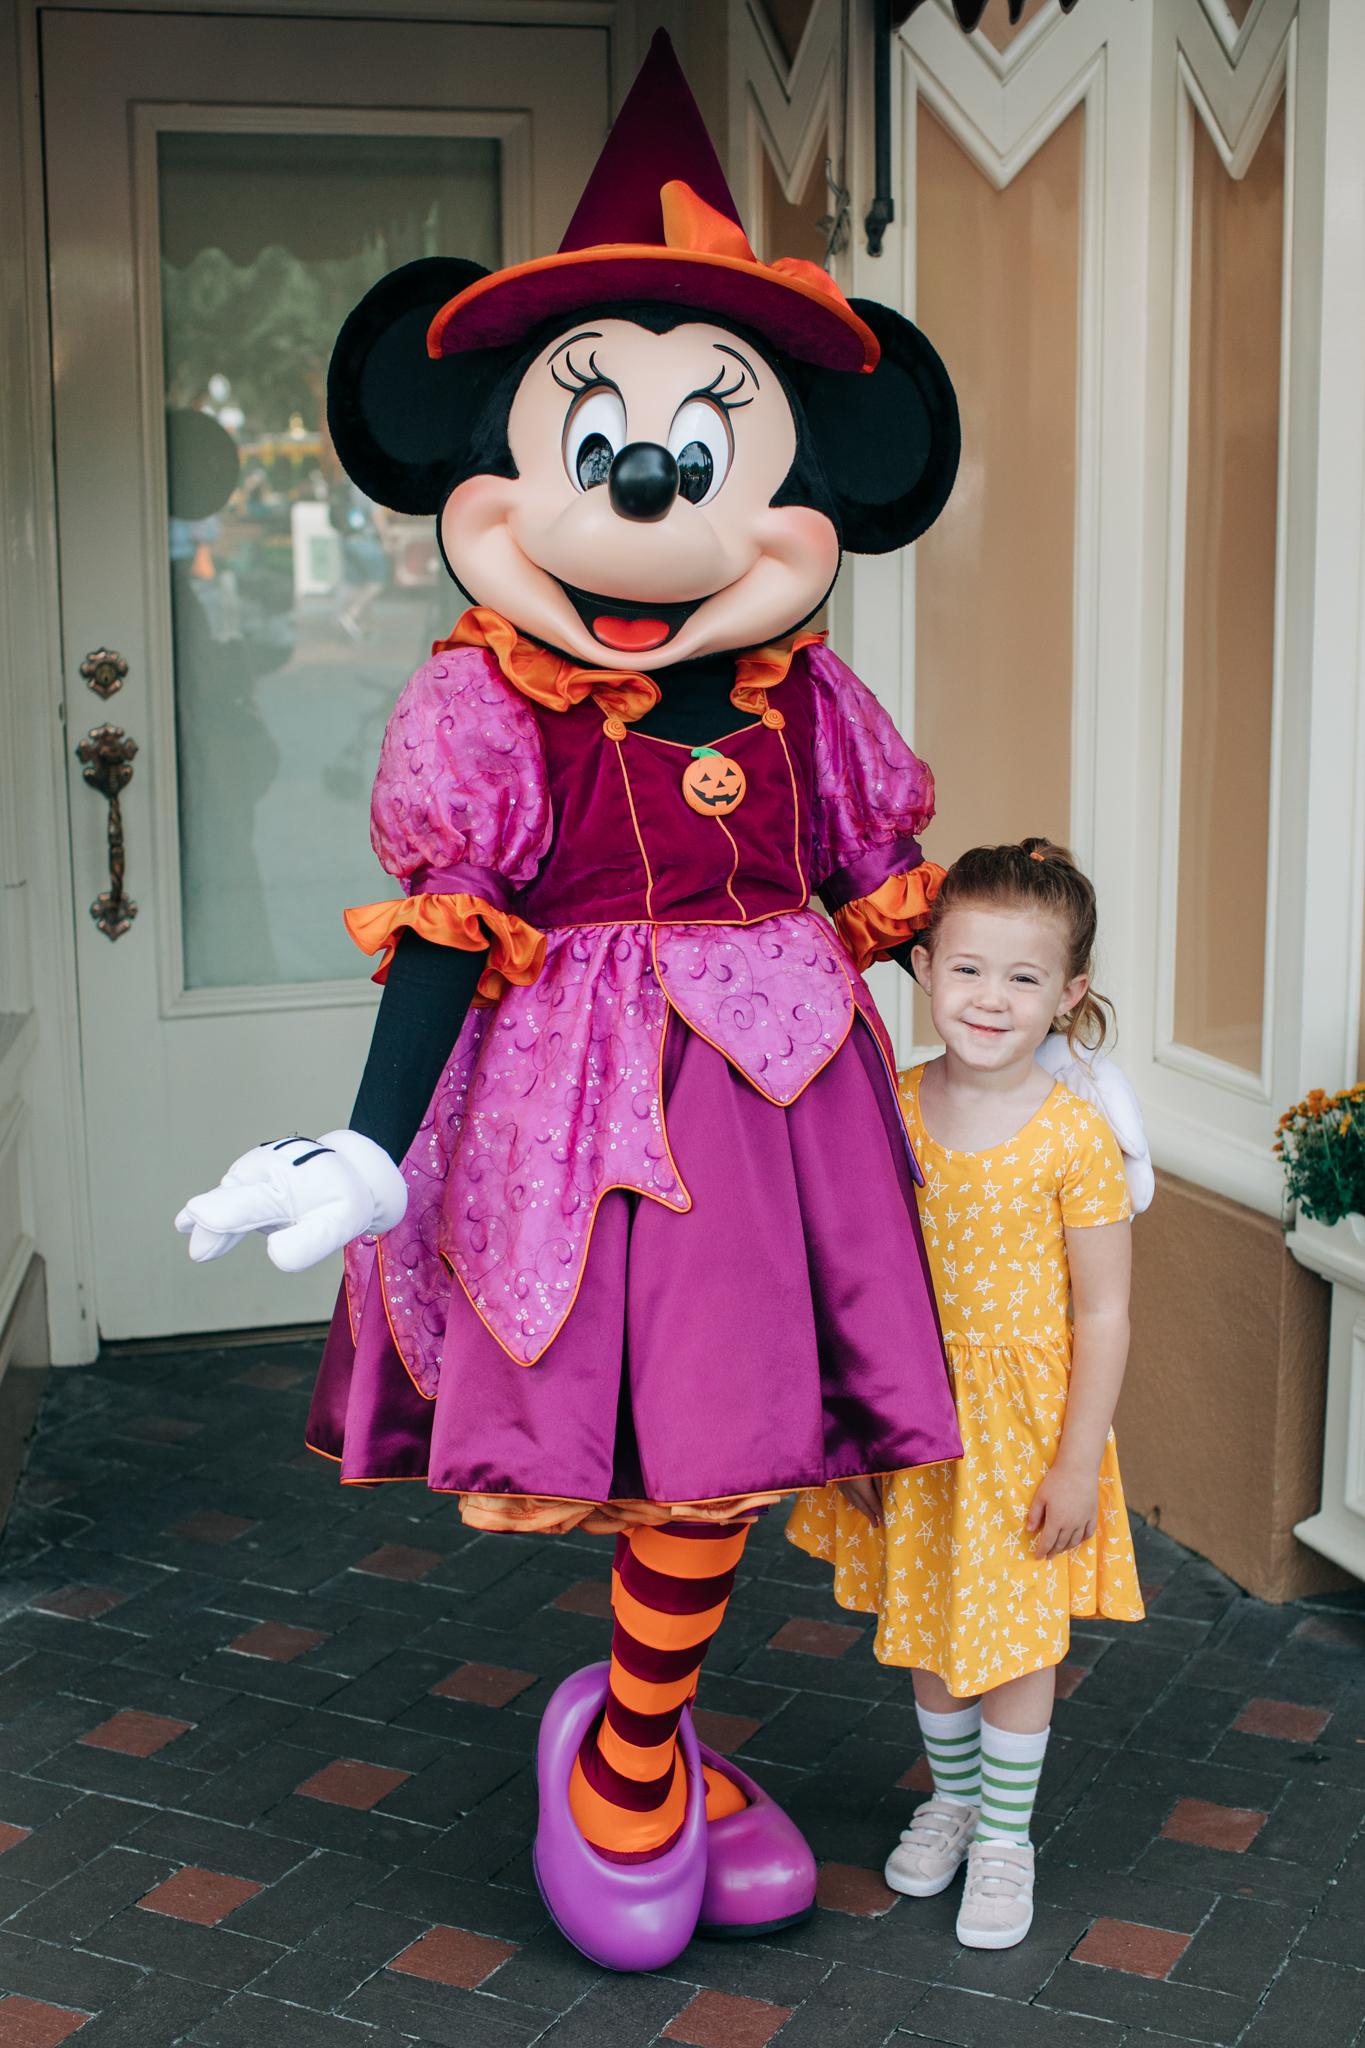 BabyBoyBakery_Disneyland_LilyRo-2.jpg